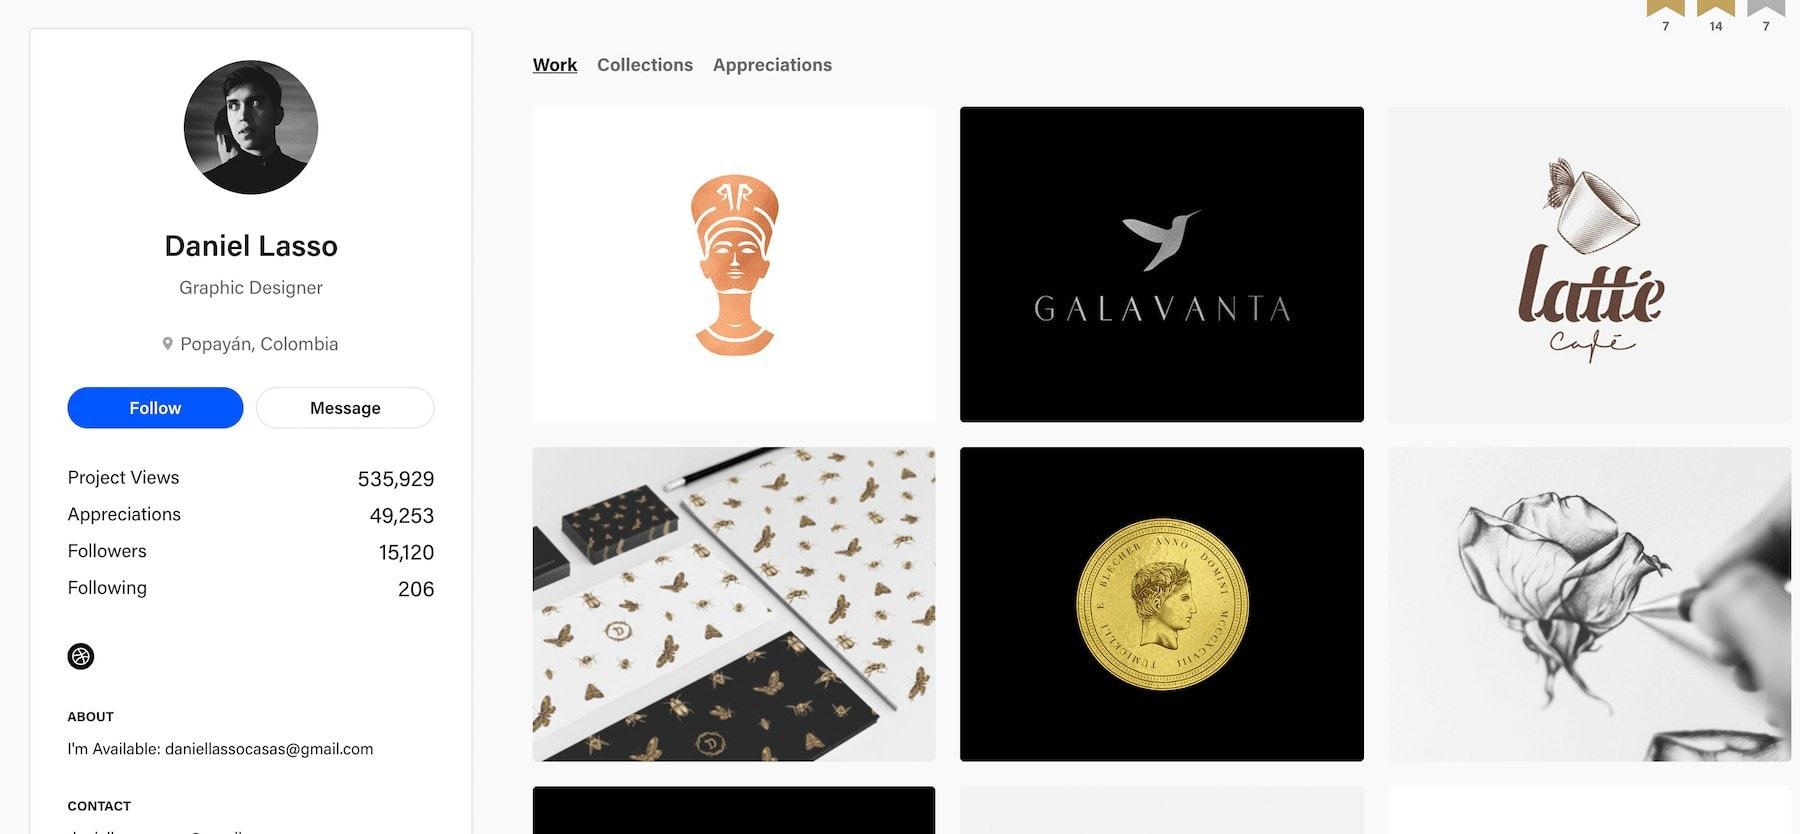 daniel lasso portfolio design website